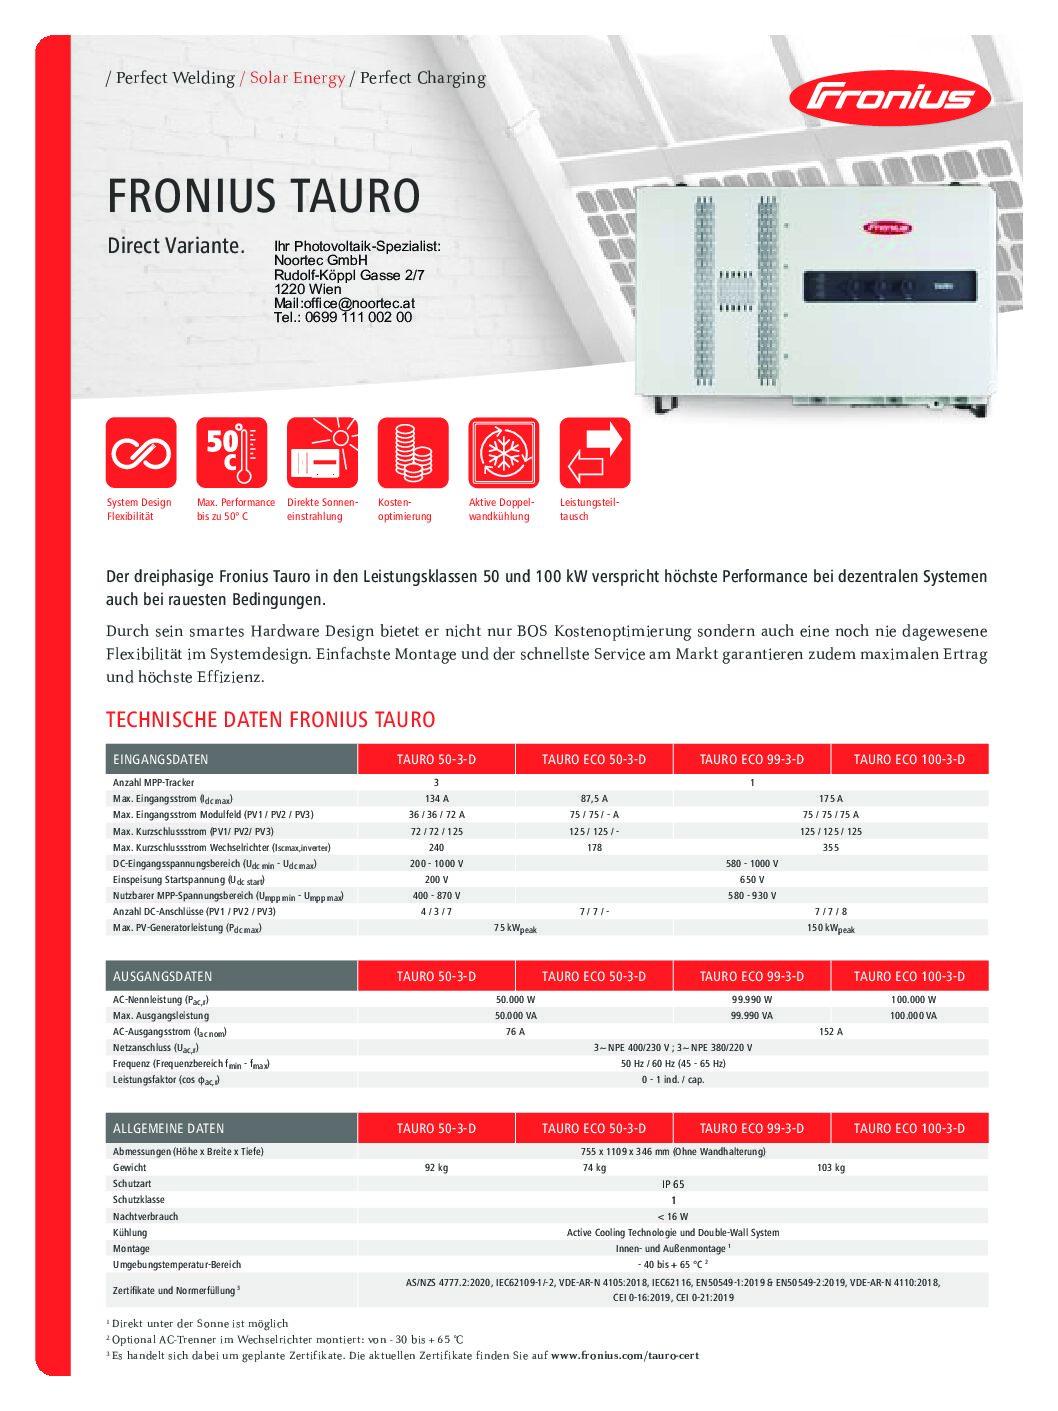 wechselrichter datenblatt fronius tauro pdf